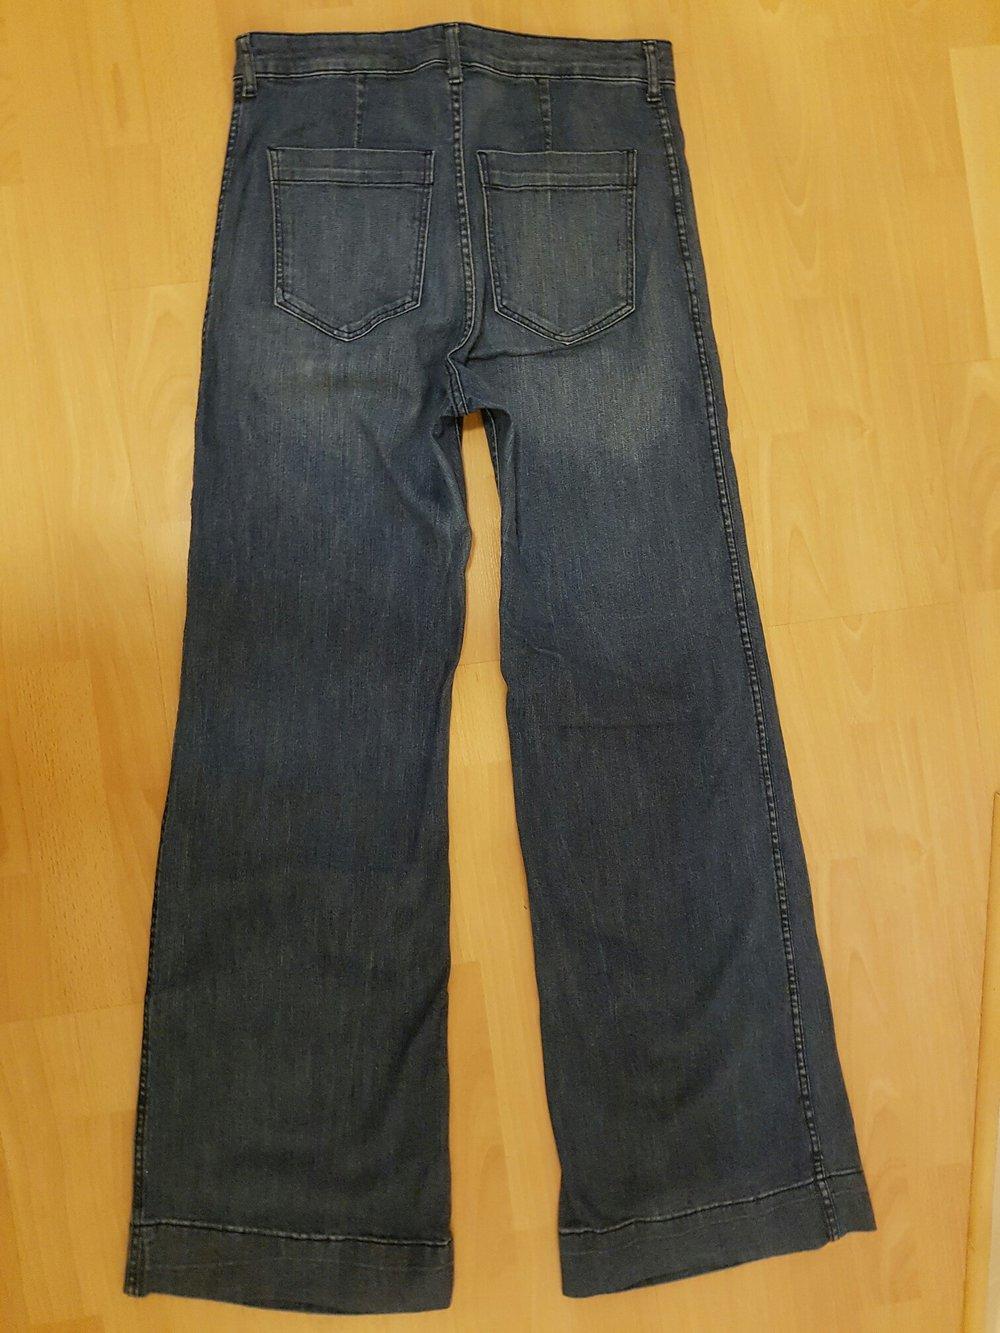 schicke jeans von h m schlaghose weiter beinschnitt damen dunkelblau gr sse 42. Black Bedroom Furniture Sets. Home Design Ideas